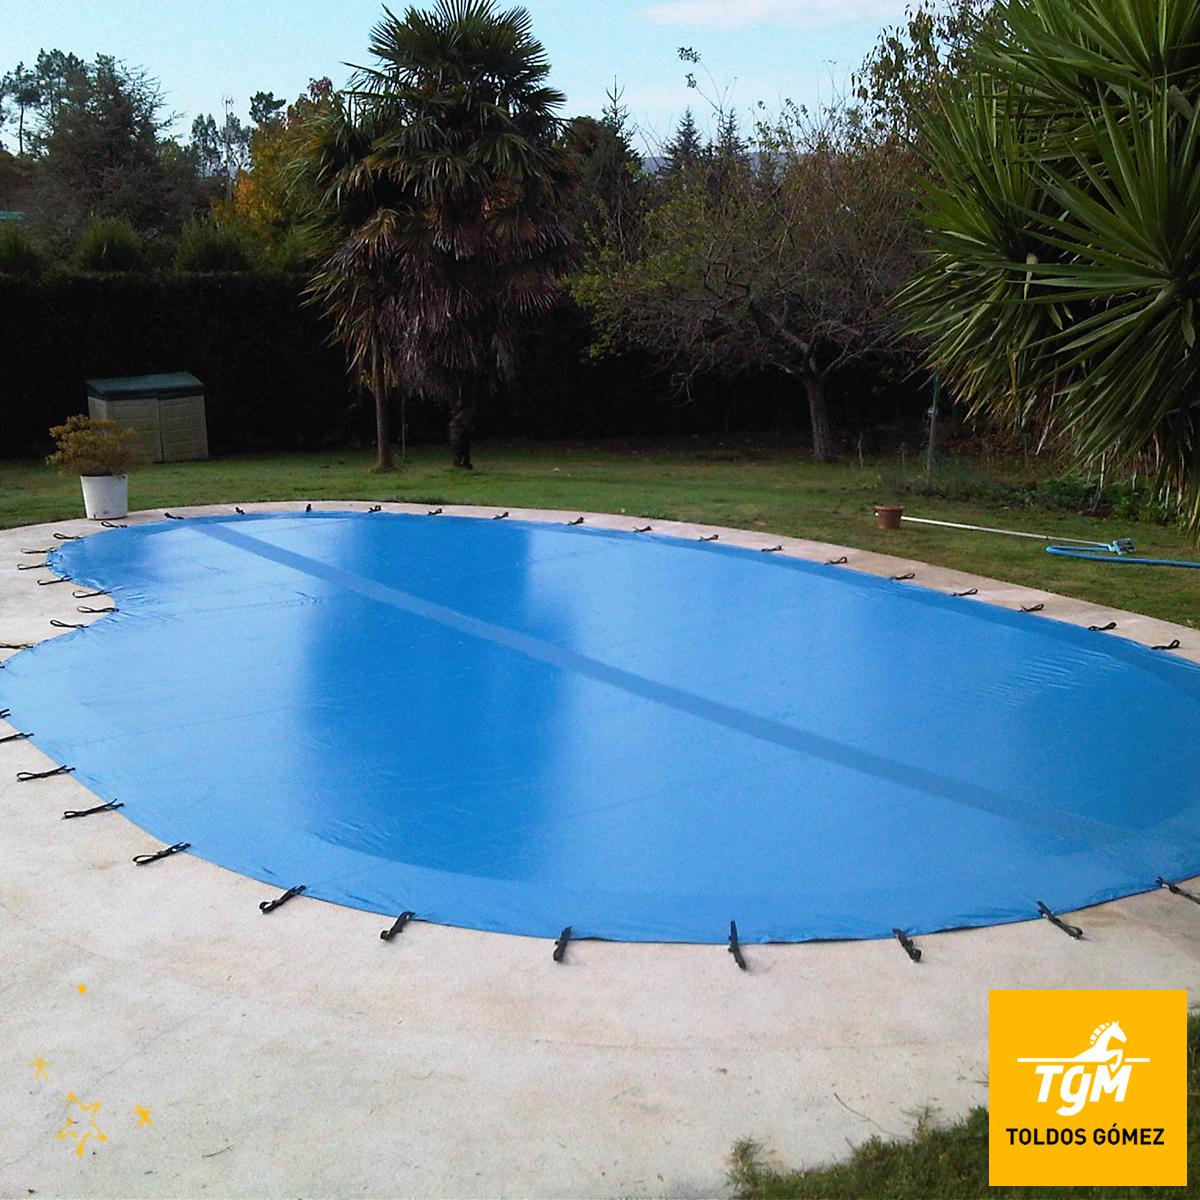 Lona para piscina affordable razones para cubrir una for Lonas para piscinas baratas